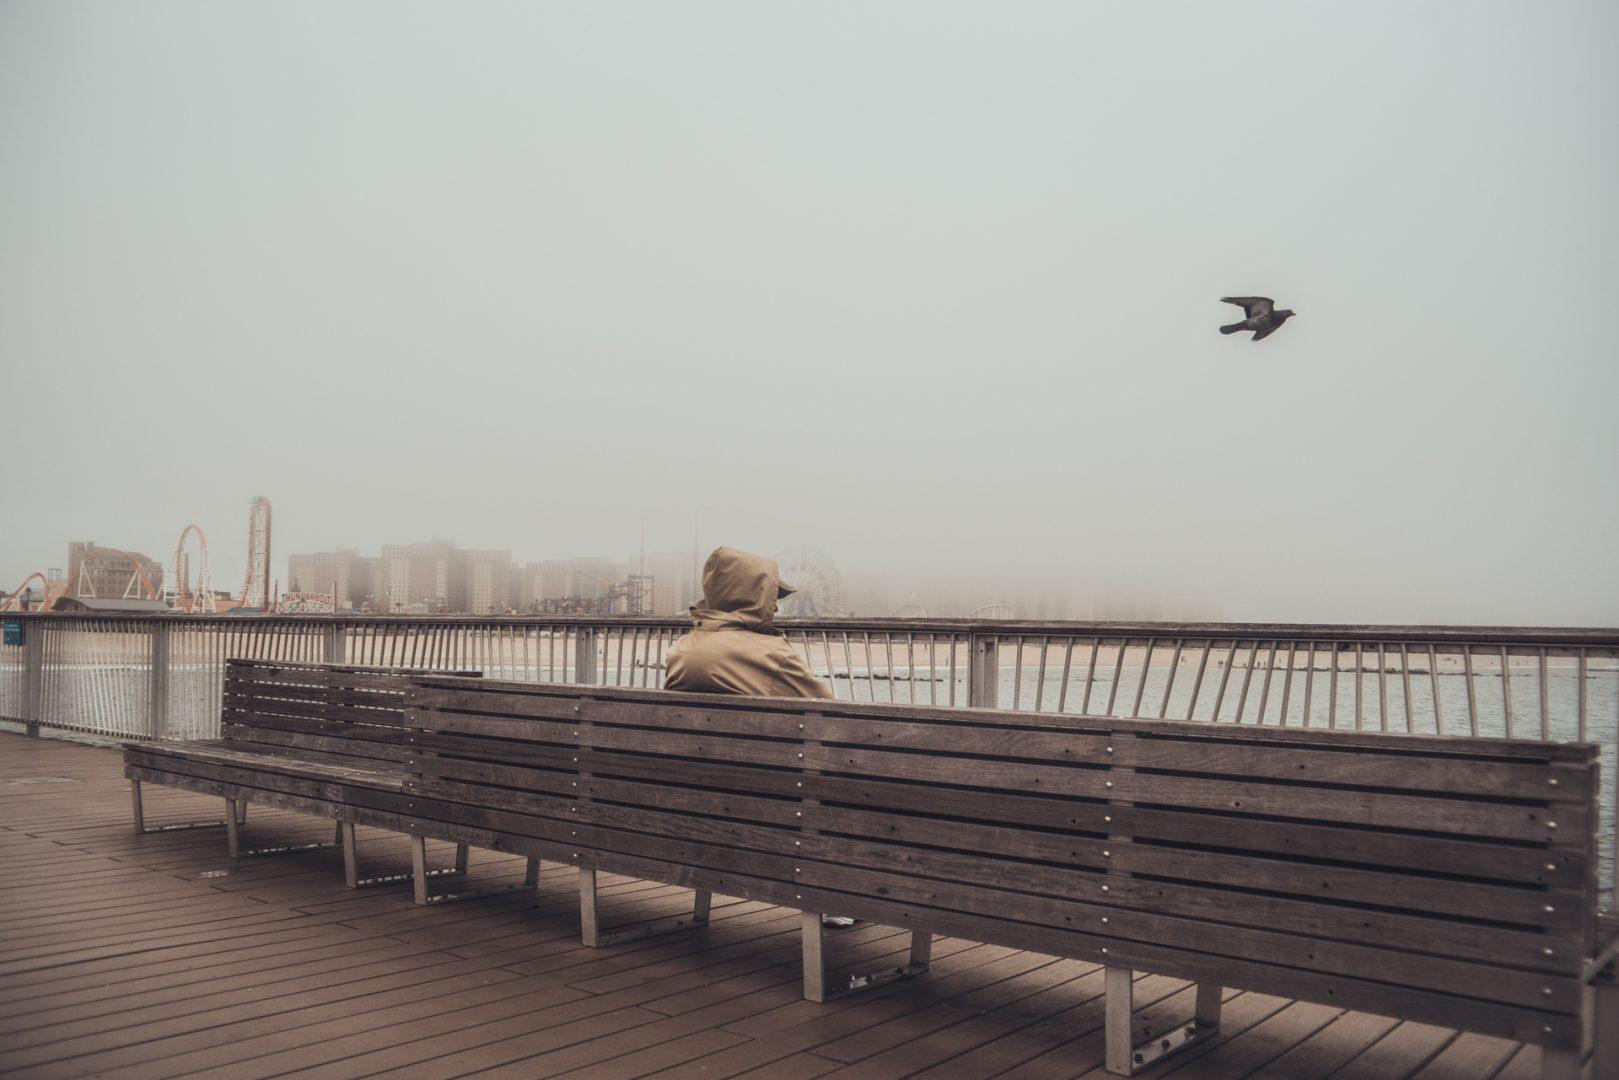 Cinematic New York, il progetto fotografico di Stijn Hoekstra